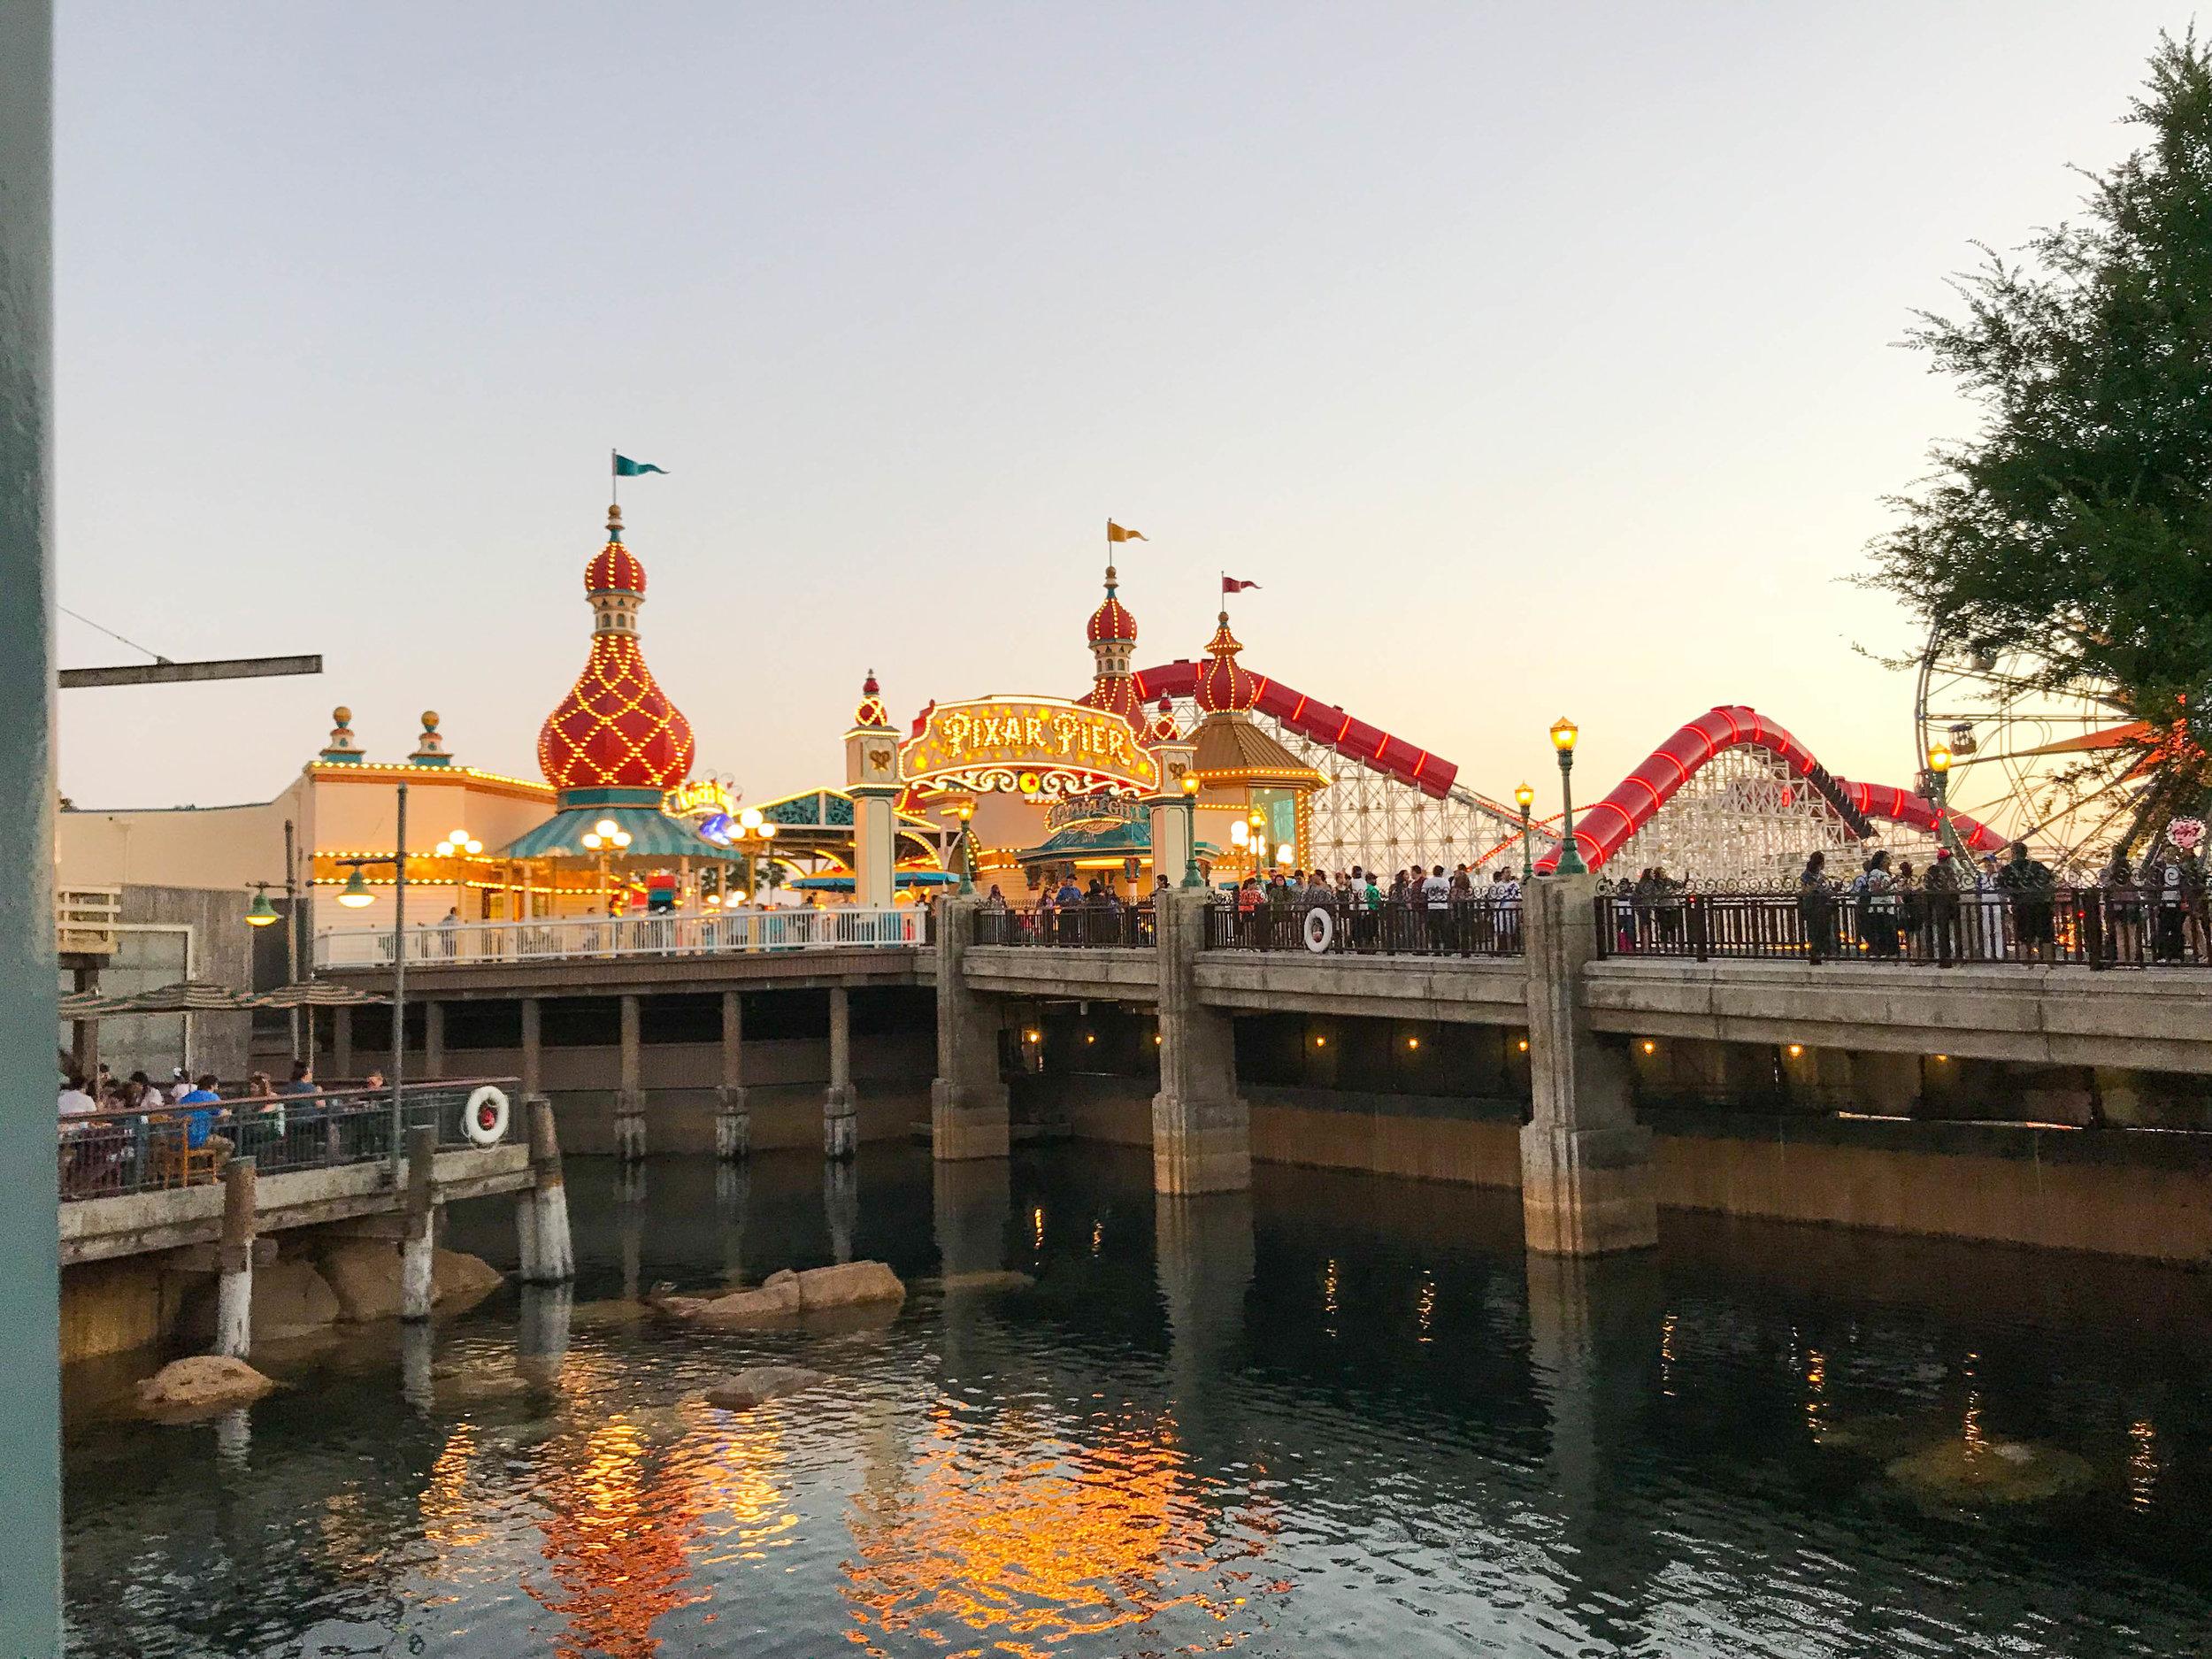 Pixar Pier Now Open!